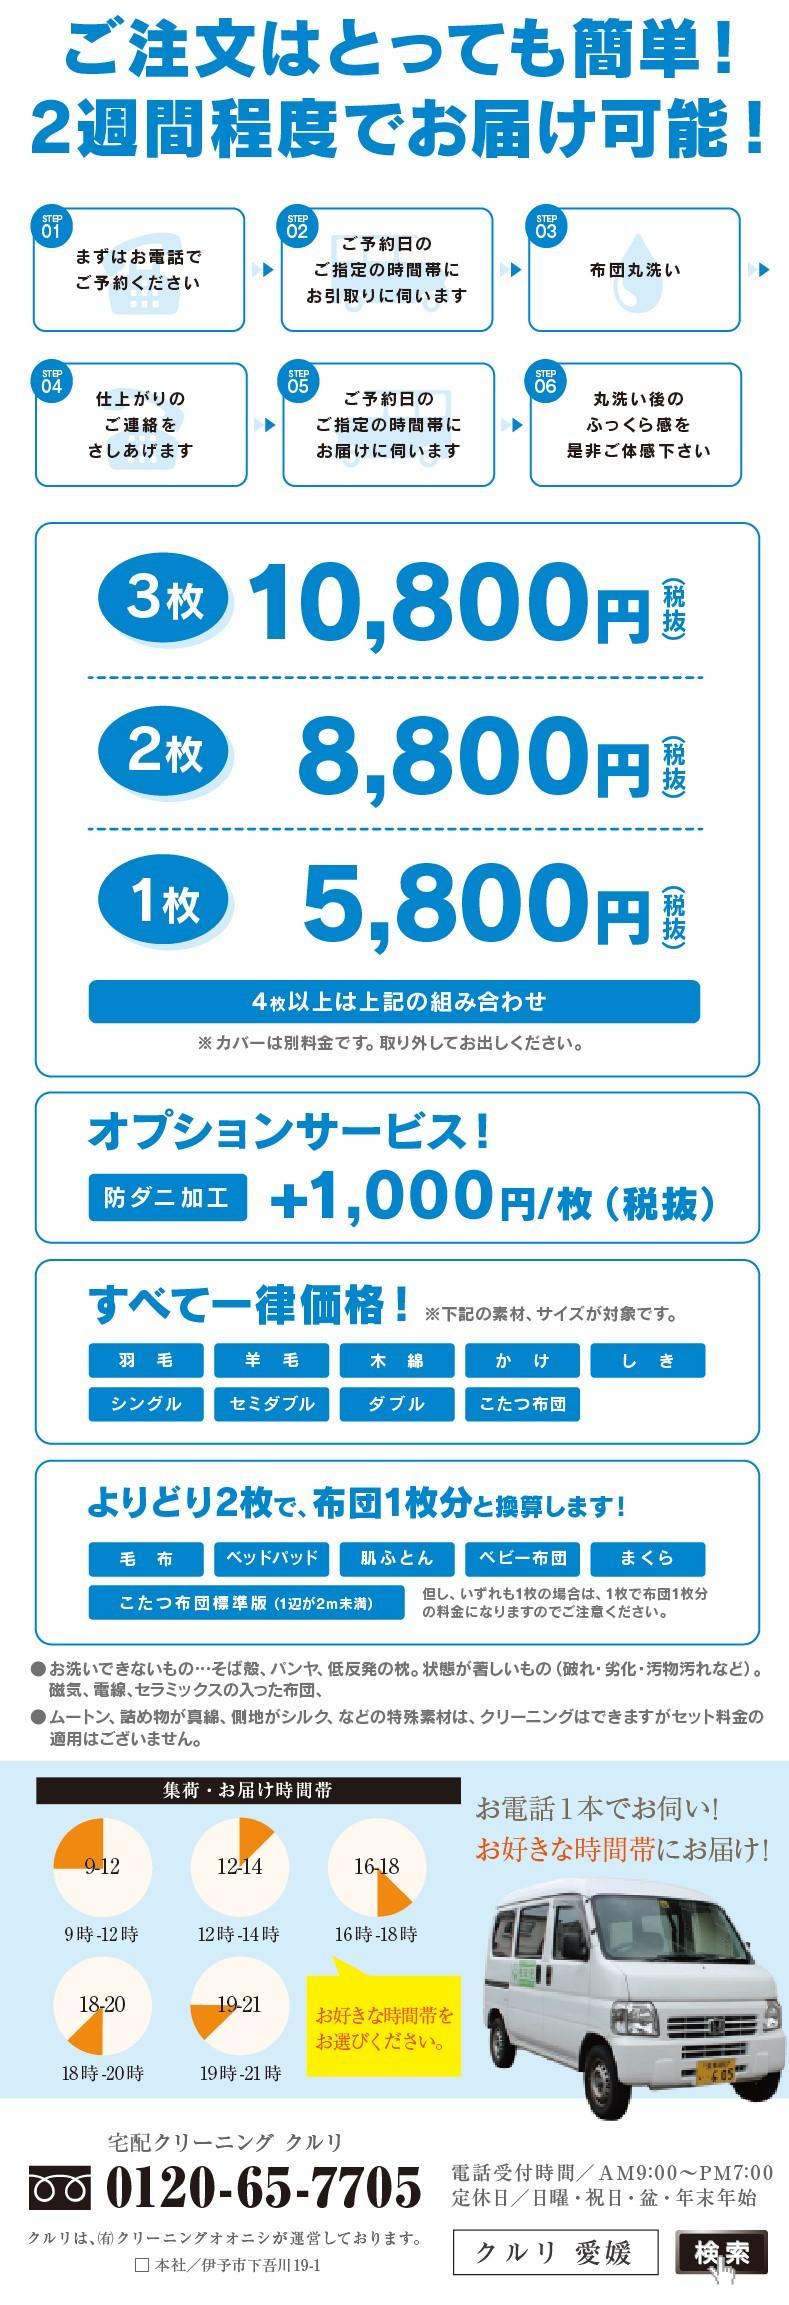 松山市の布団クリーニングキャンペーンウラ